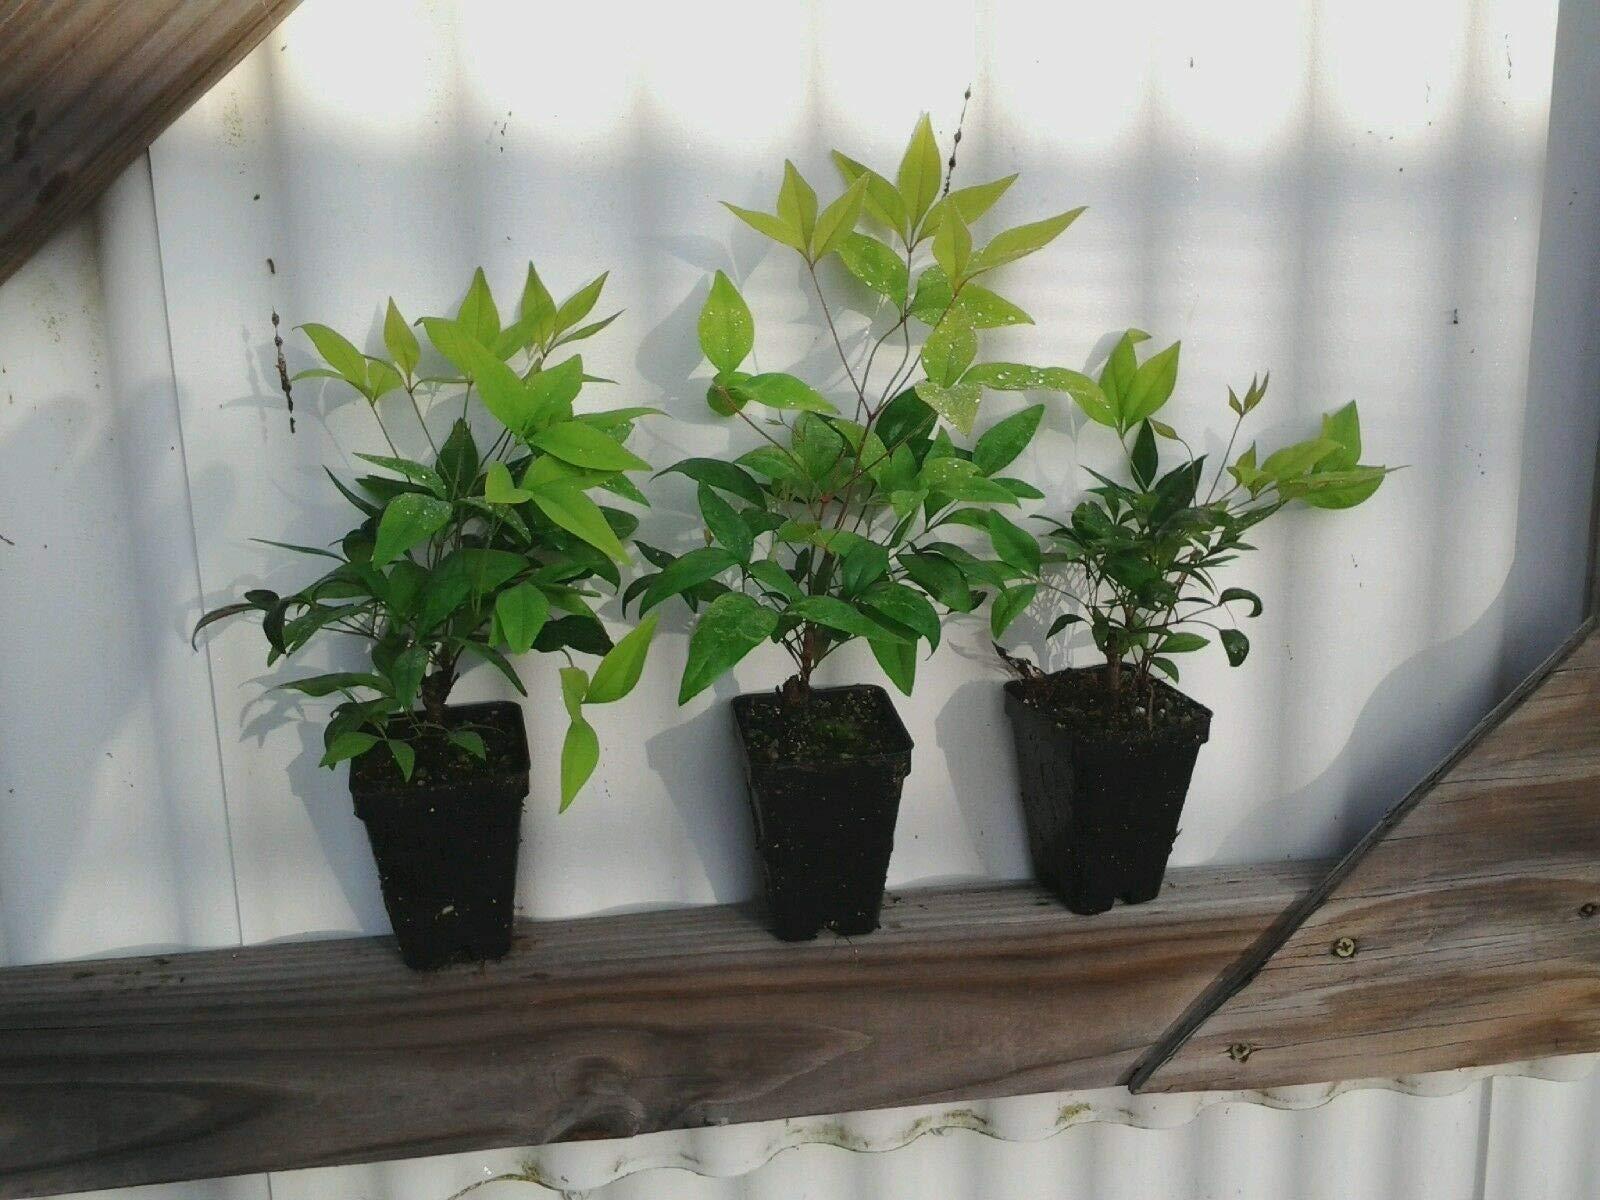 10 Plants Dwarf Nandina Firepower N1 by owzoneplant (Image #3)